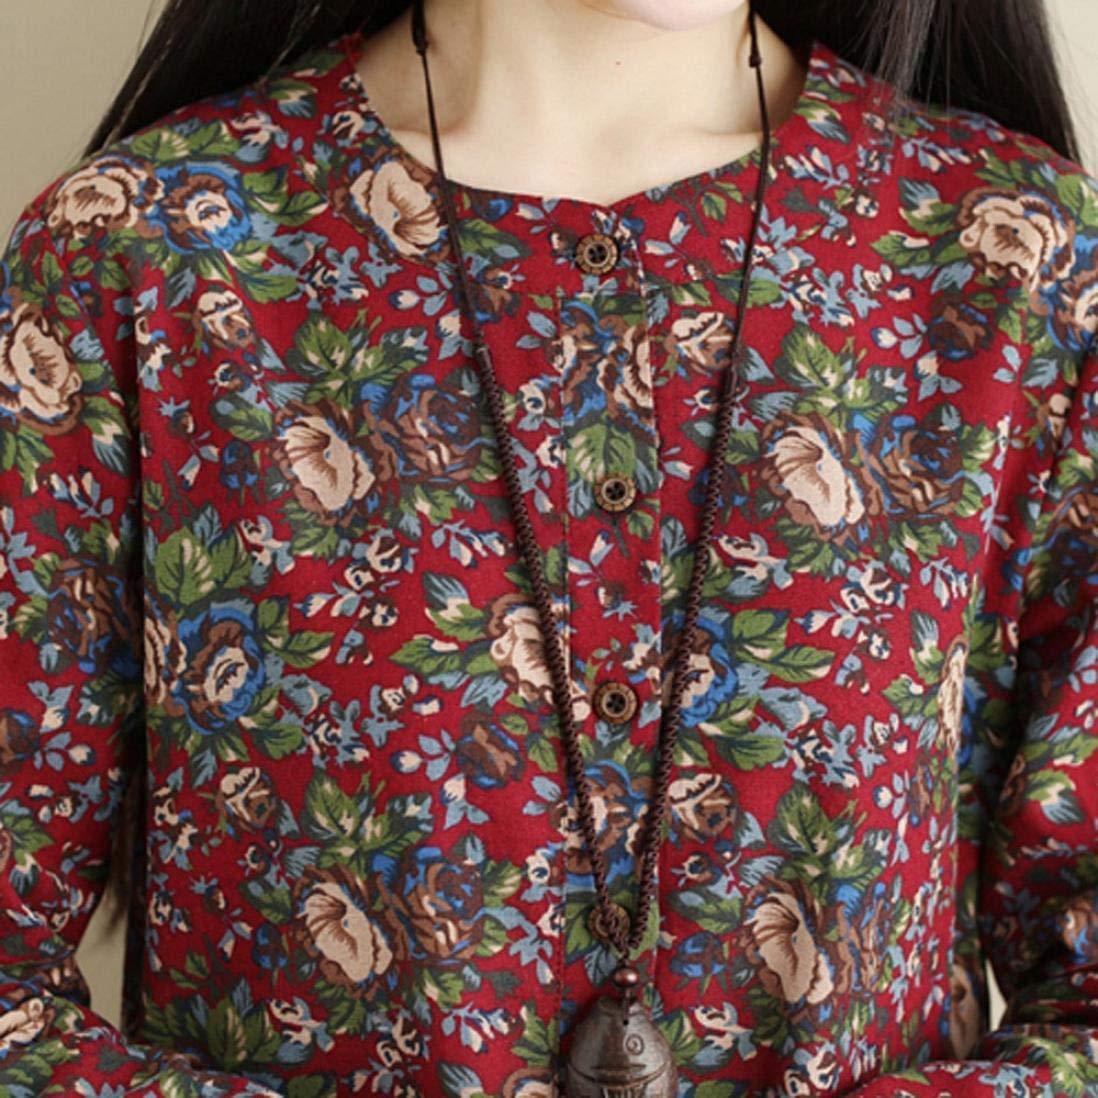 FuweiEncore Vestido de Bolsillo con Estampado Floral de Manga Larga Retro de Lino de algodón para Mujer (Color : Wine, tamaño : XX-Large): Amazon.es: Hogar